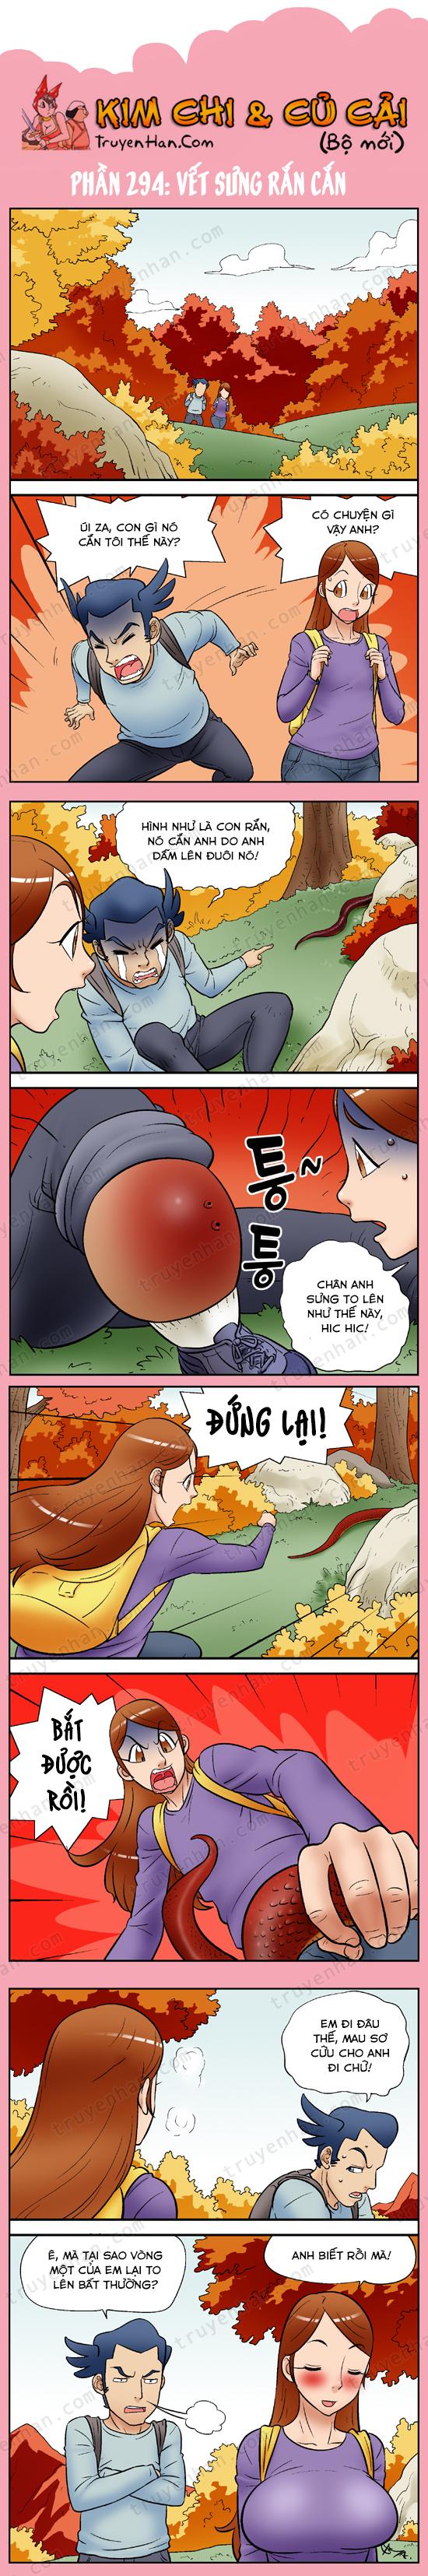 Kim Chi Và Củ Cải phần 294: Vết sưng rắn cắn